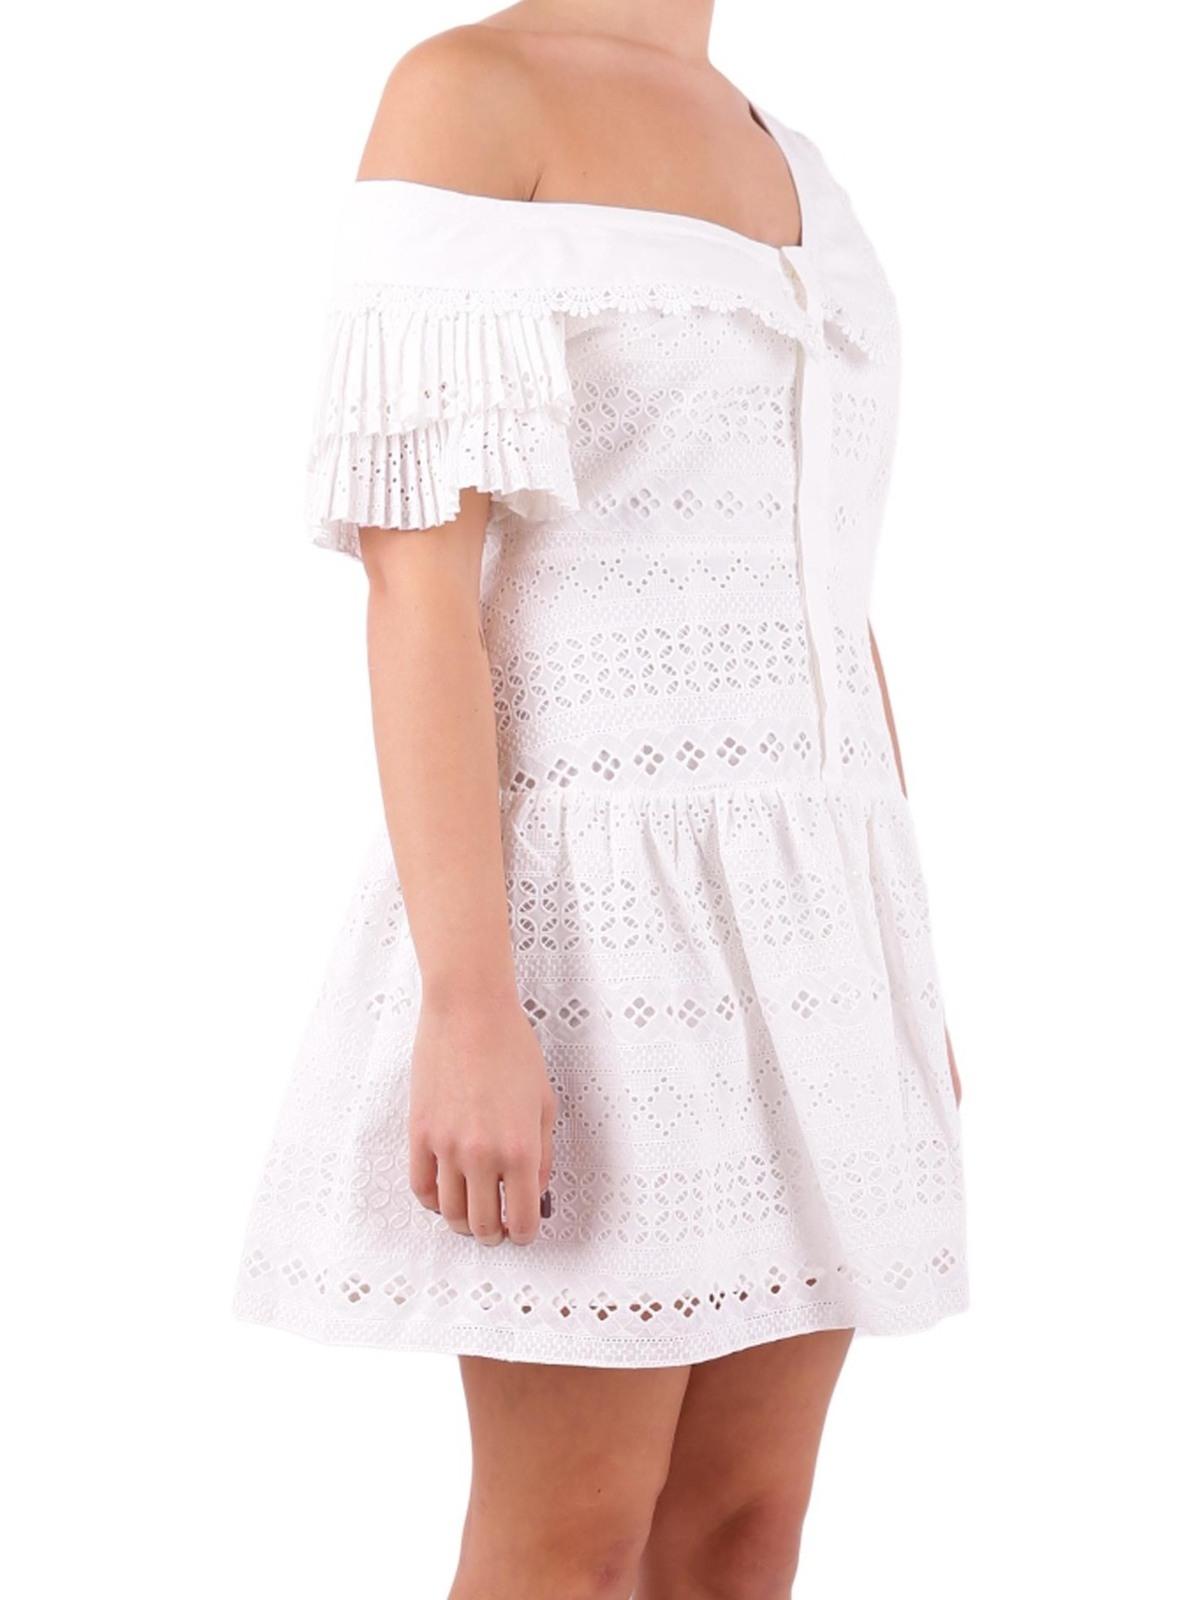 13 Top Kurze Kleider Weiß Galerie15 Einfach Kurze Kleider Weiß Spezialgebiet